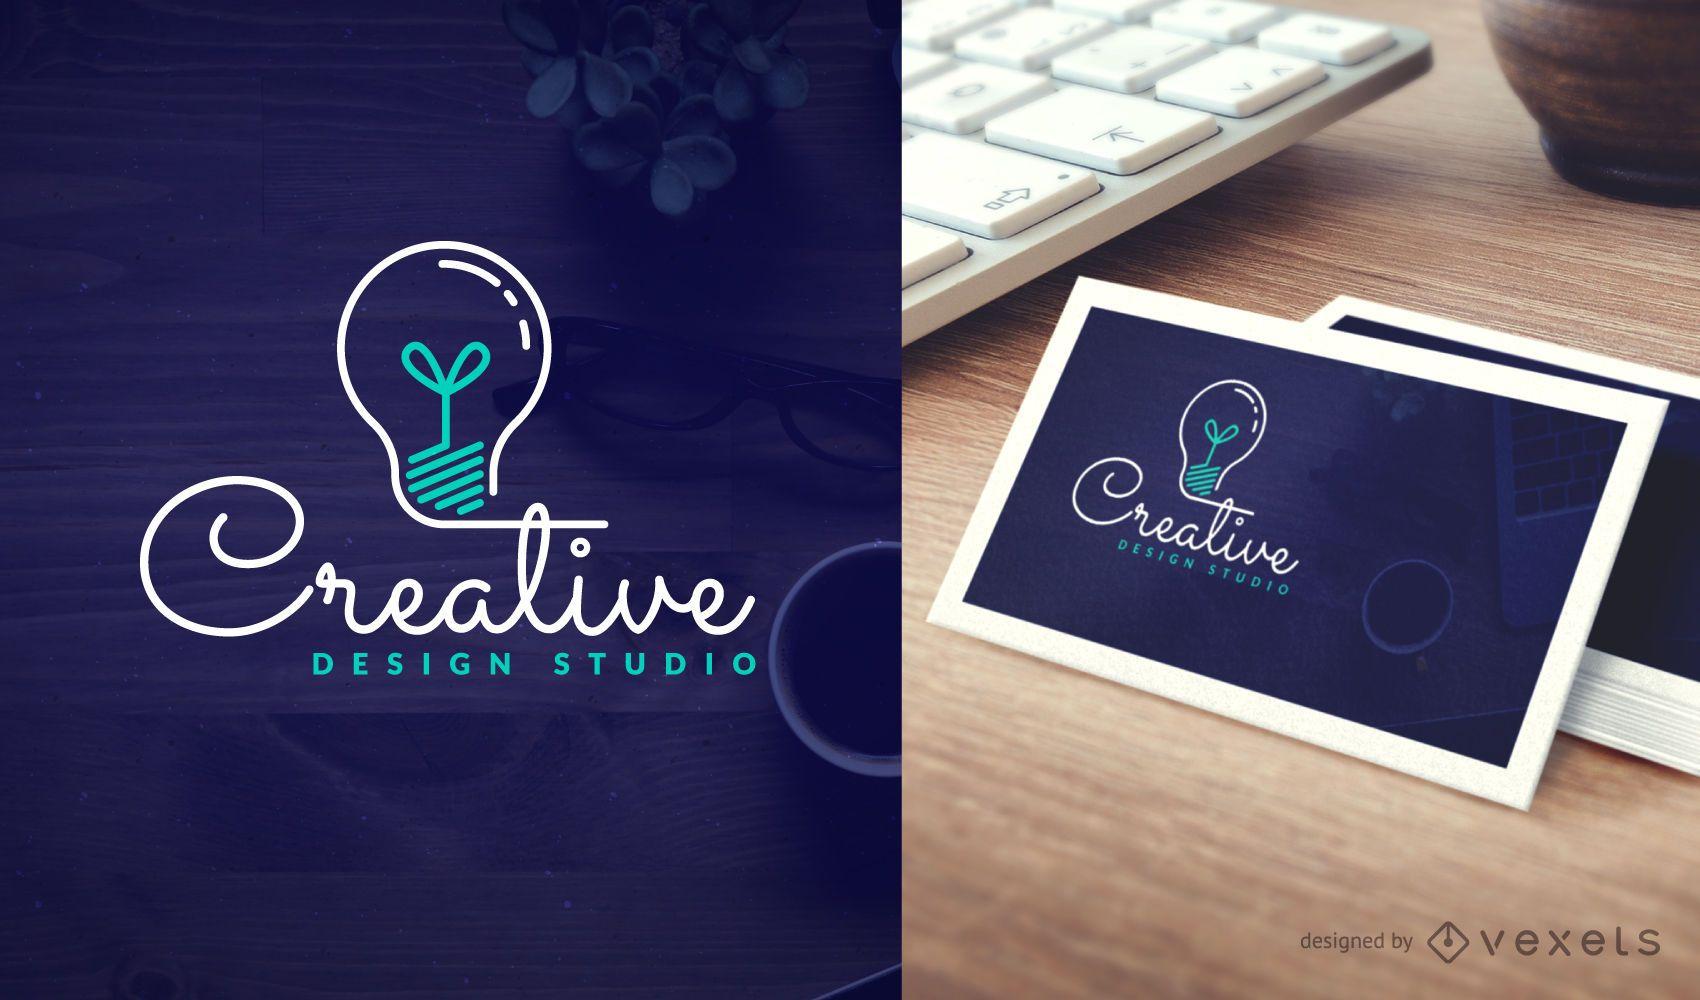 Modelo de logotipo do estúdio de design criativo